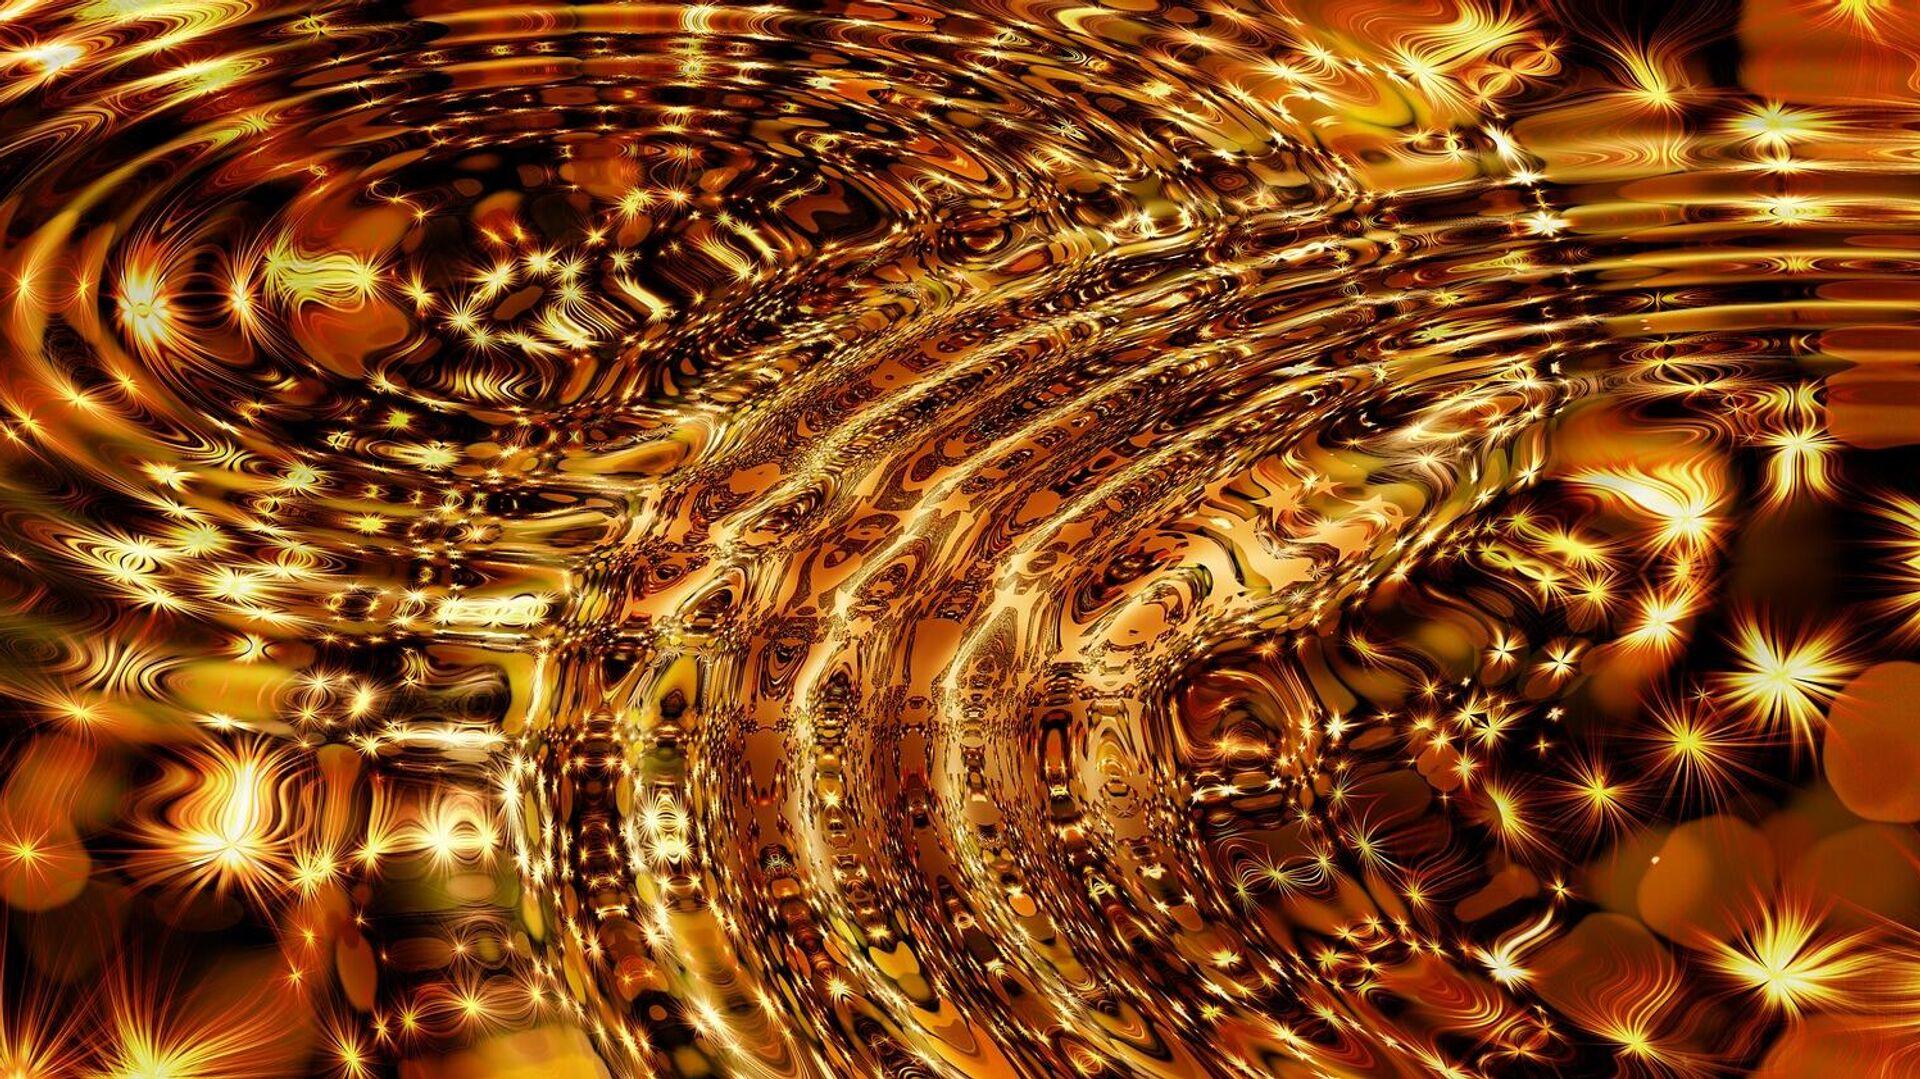 Жидкое золото - Sputnik Узбекистан, 1920, 16.09.2021